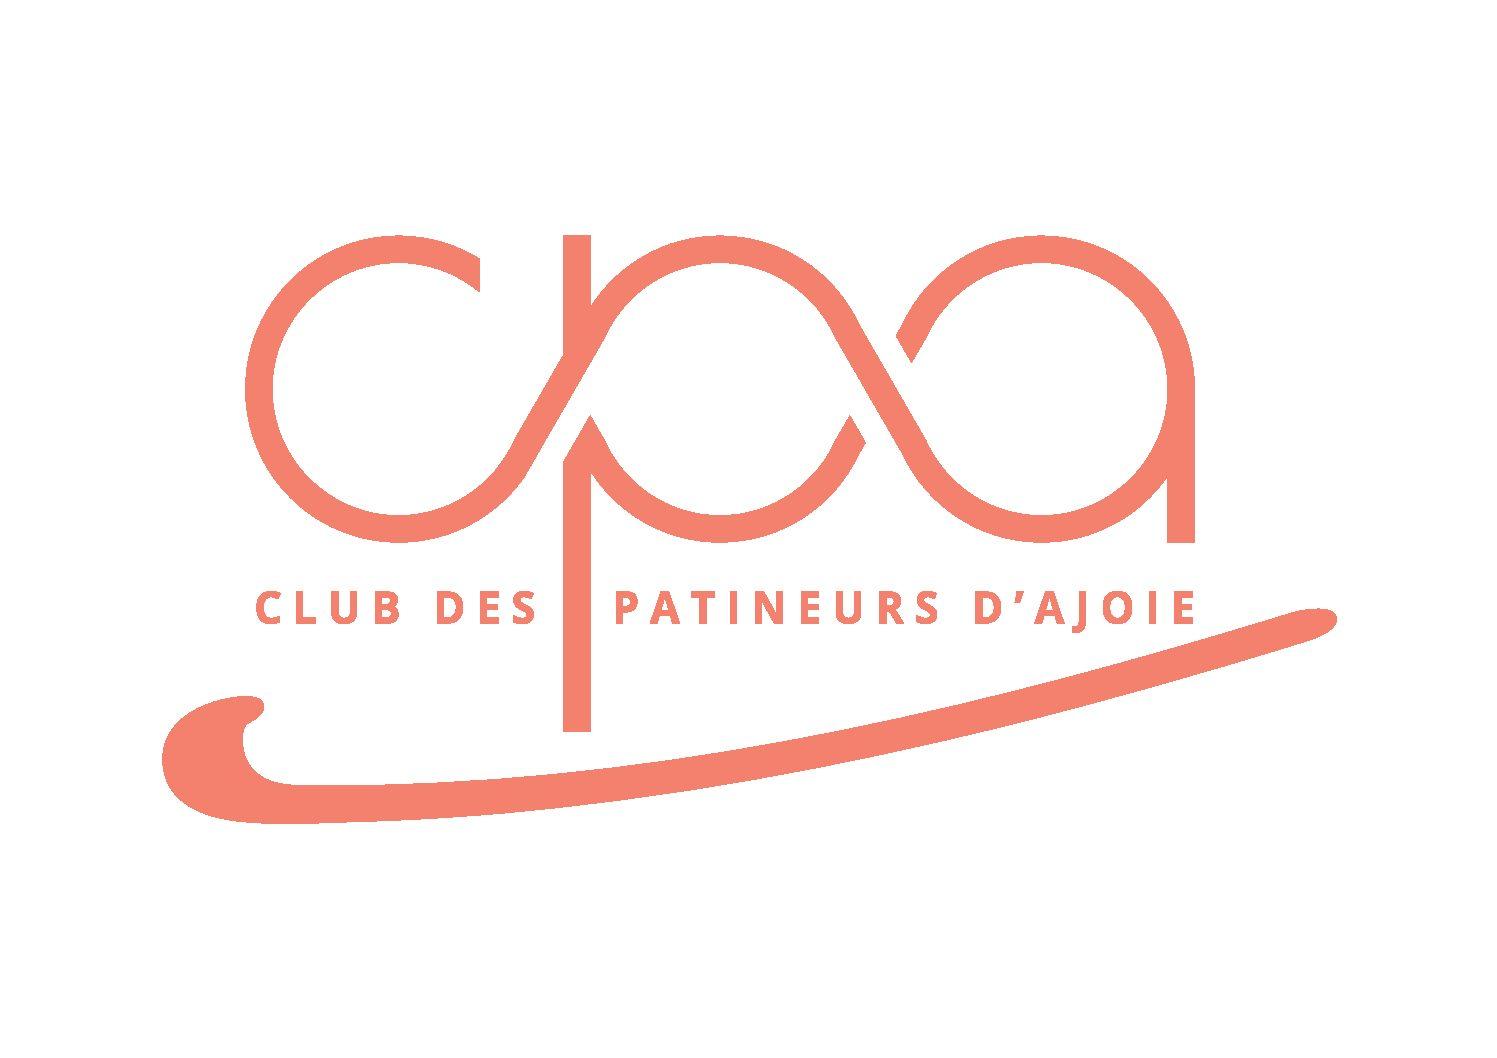 Club des Patineurs d'Ajoie